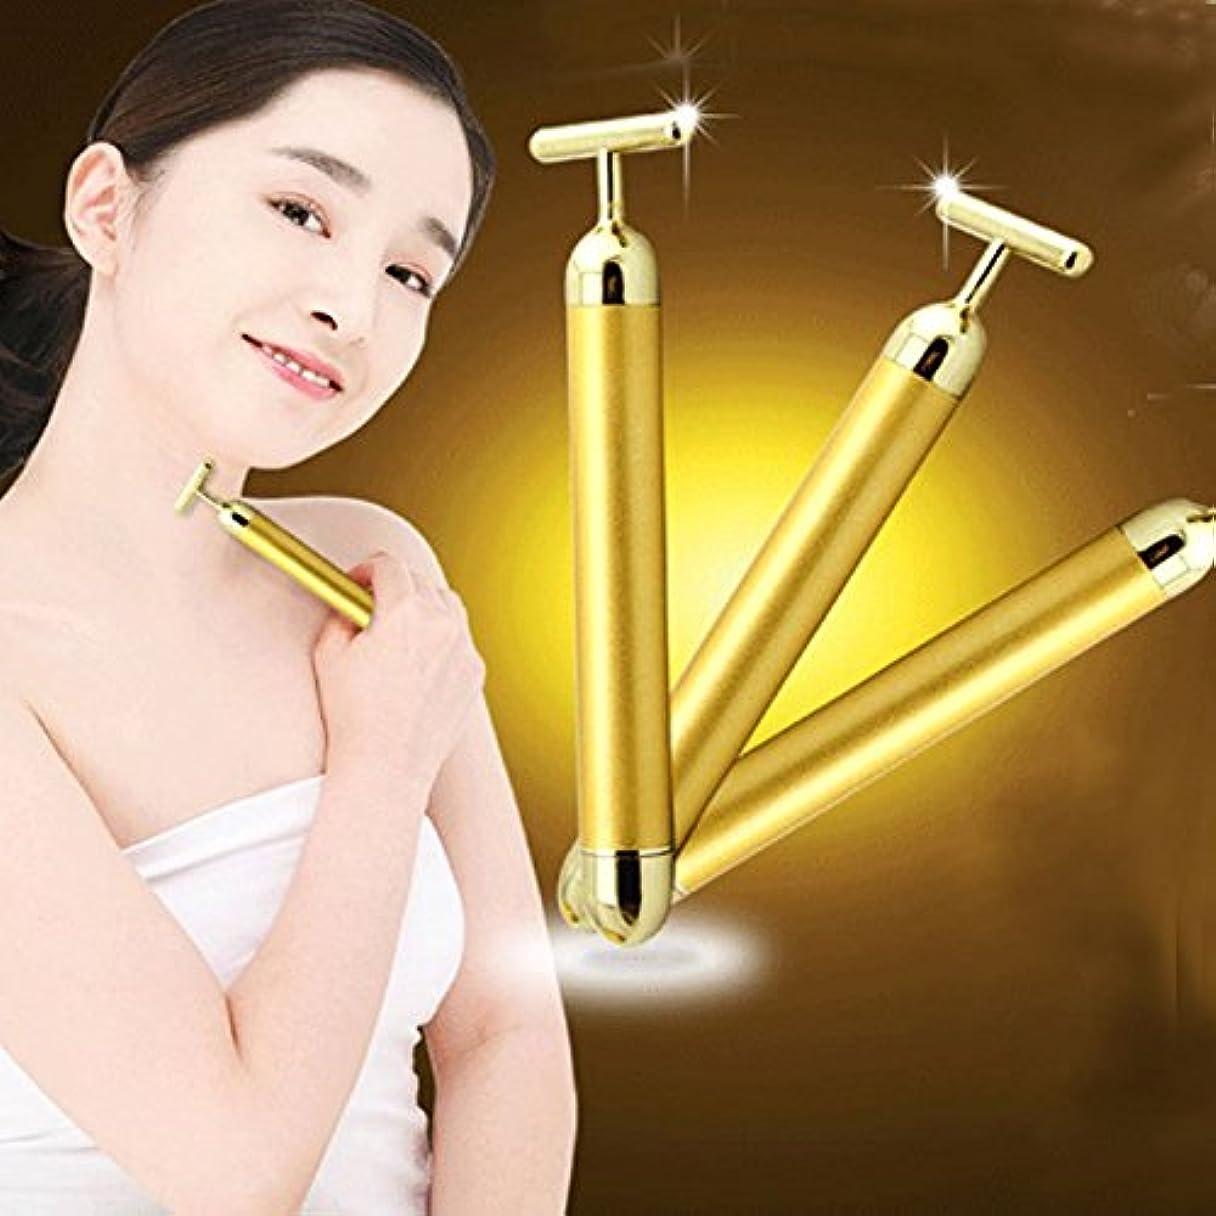 MSmask ゴールデン美容スリミング 美顔器 T形ゴールドフェイシャル美容マッサージャー エネルギー